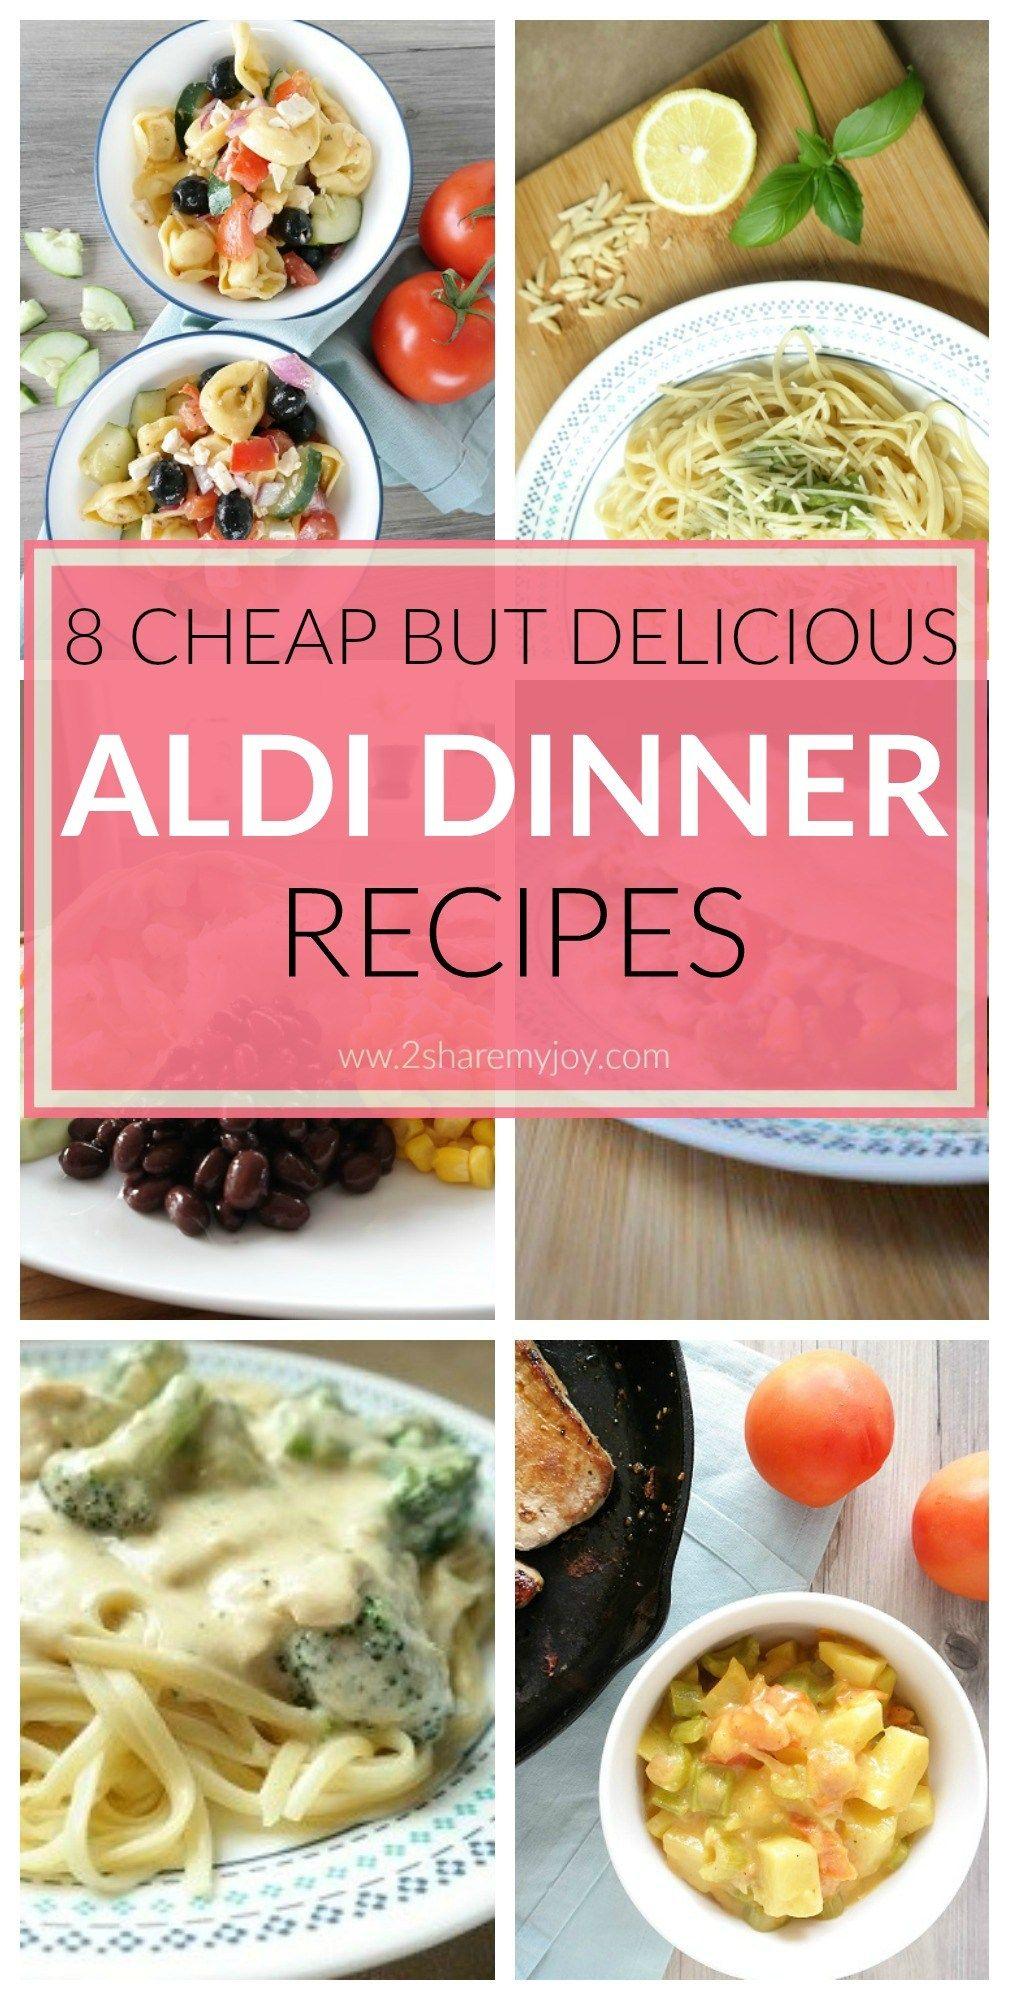 20 Aldi Meals Cheap Dinner Recipes Under 2 Per Serving Aldi Meal Plan Aldi Recipes Cheap Dinner Recipes